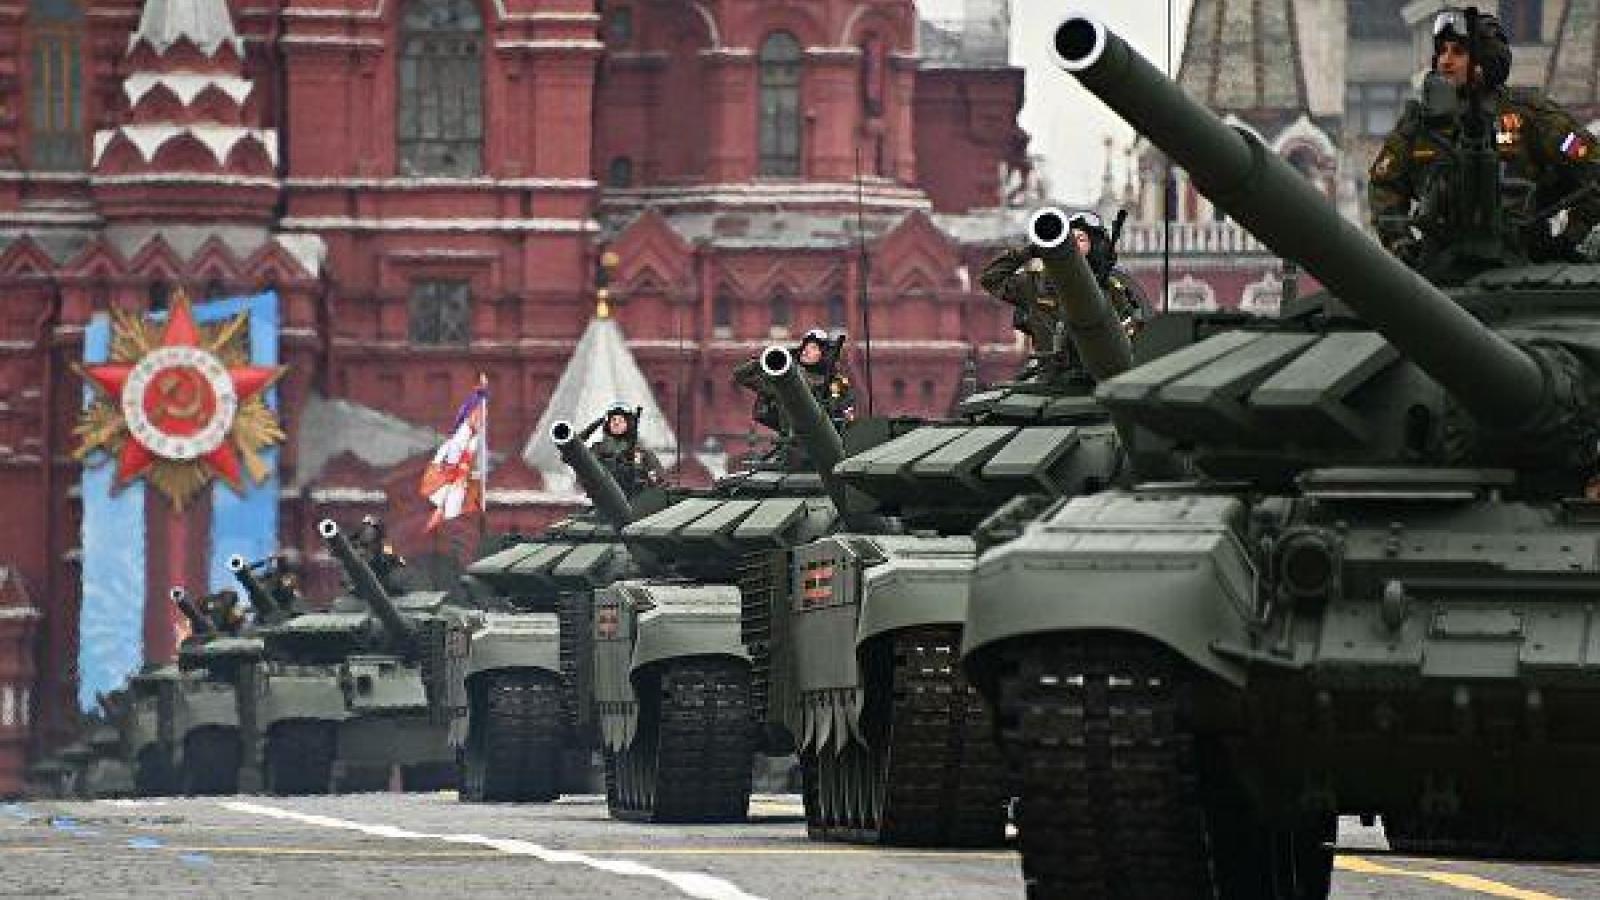 Chiêm ngưỡng dàn vũ khí hùng hậu của Nga trong lễ duyệt binh mừng 76 năm Ngày Chiến thắng